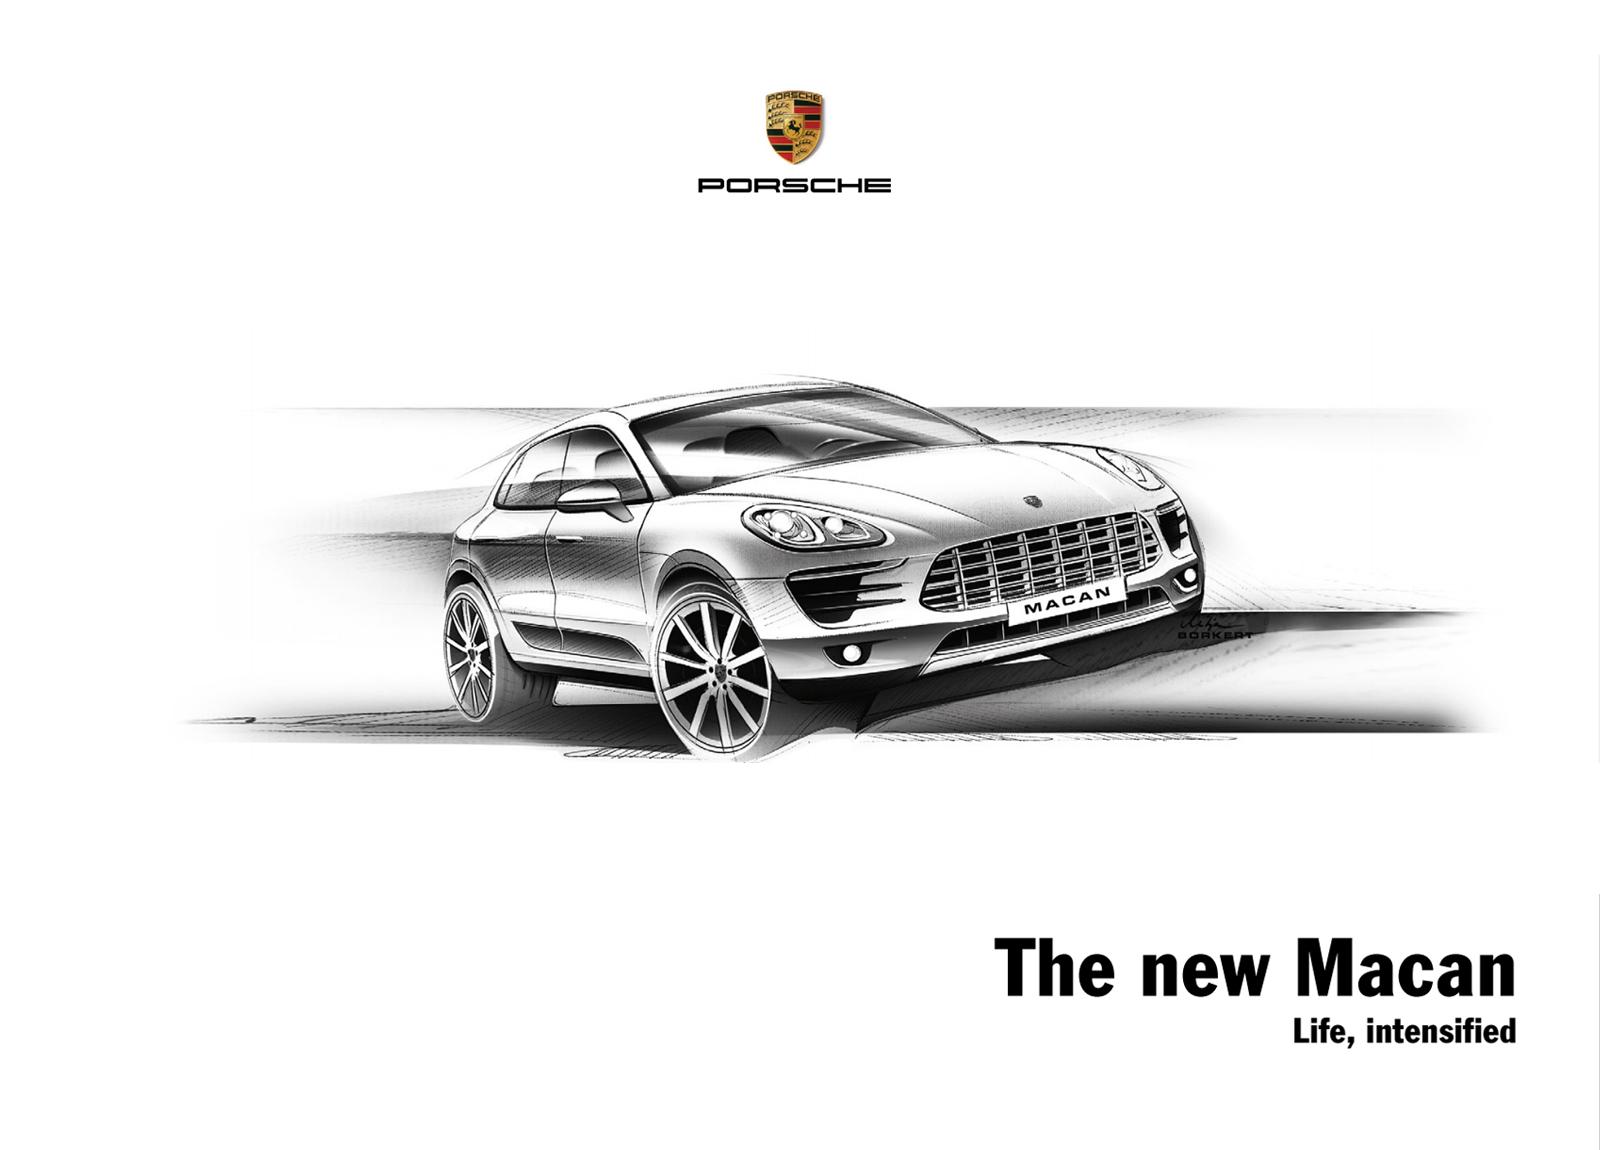 Porsche_Macan_2014_US_brochure.jpg